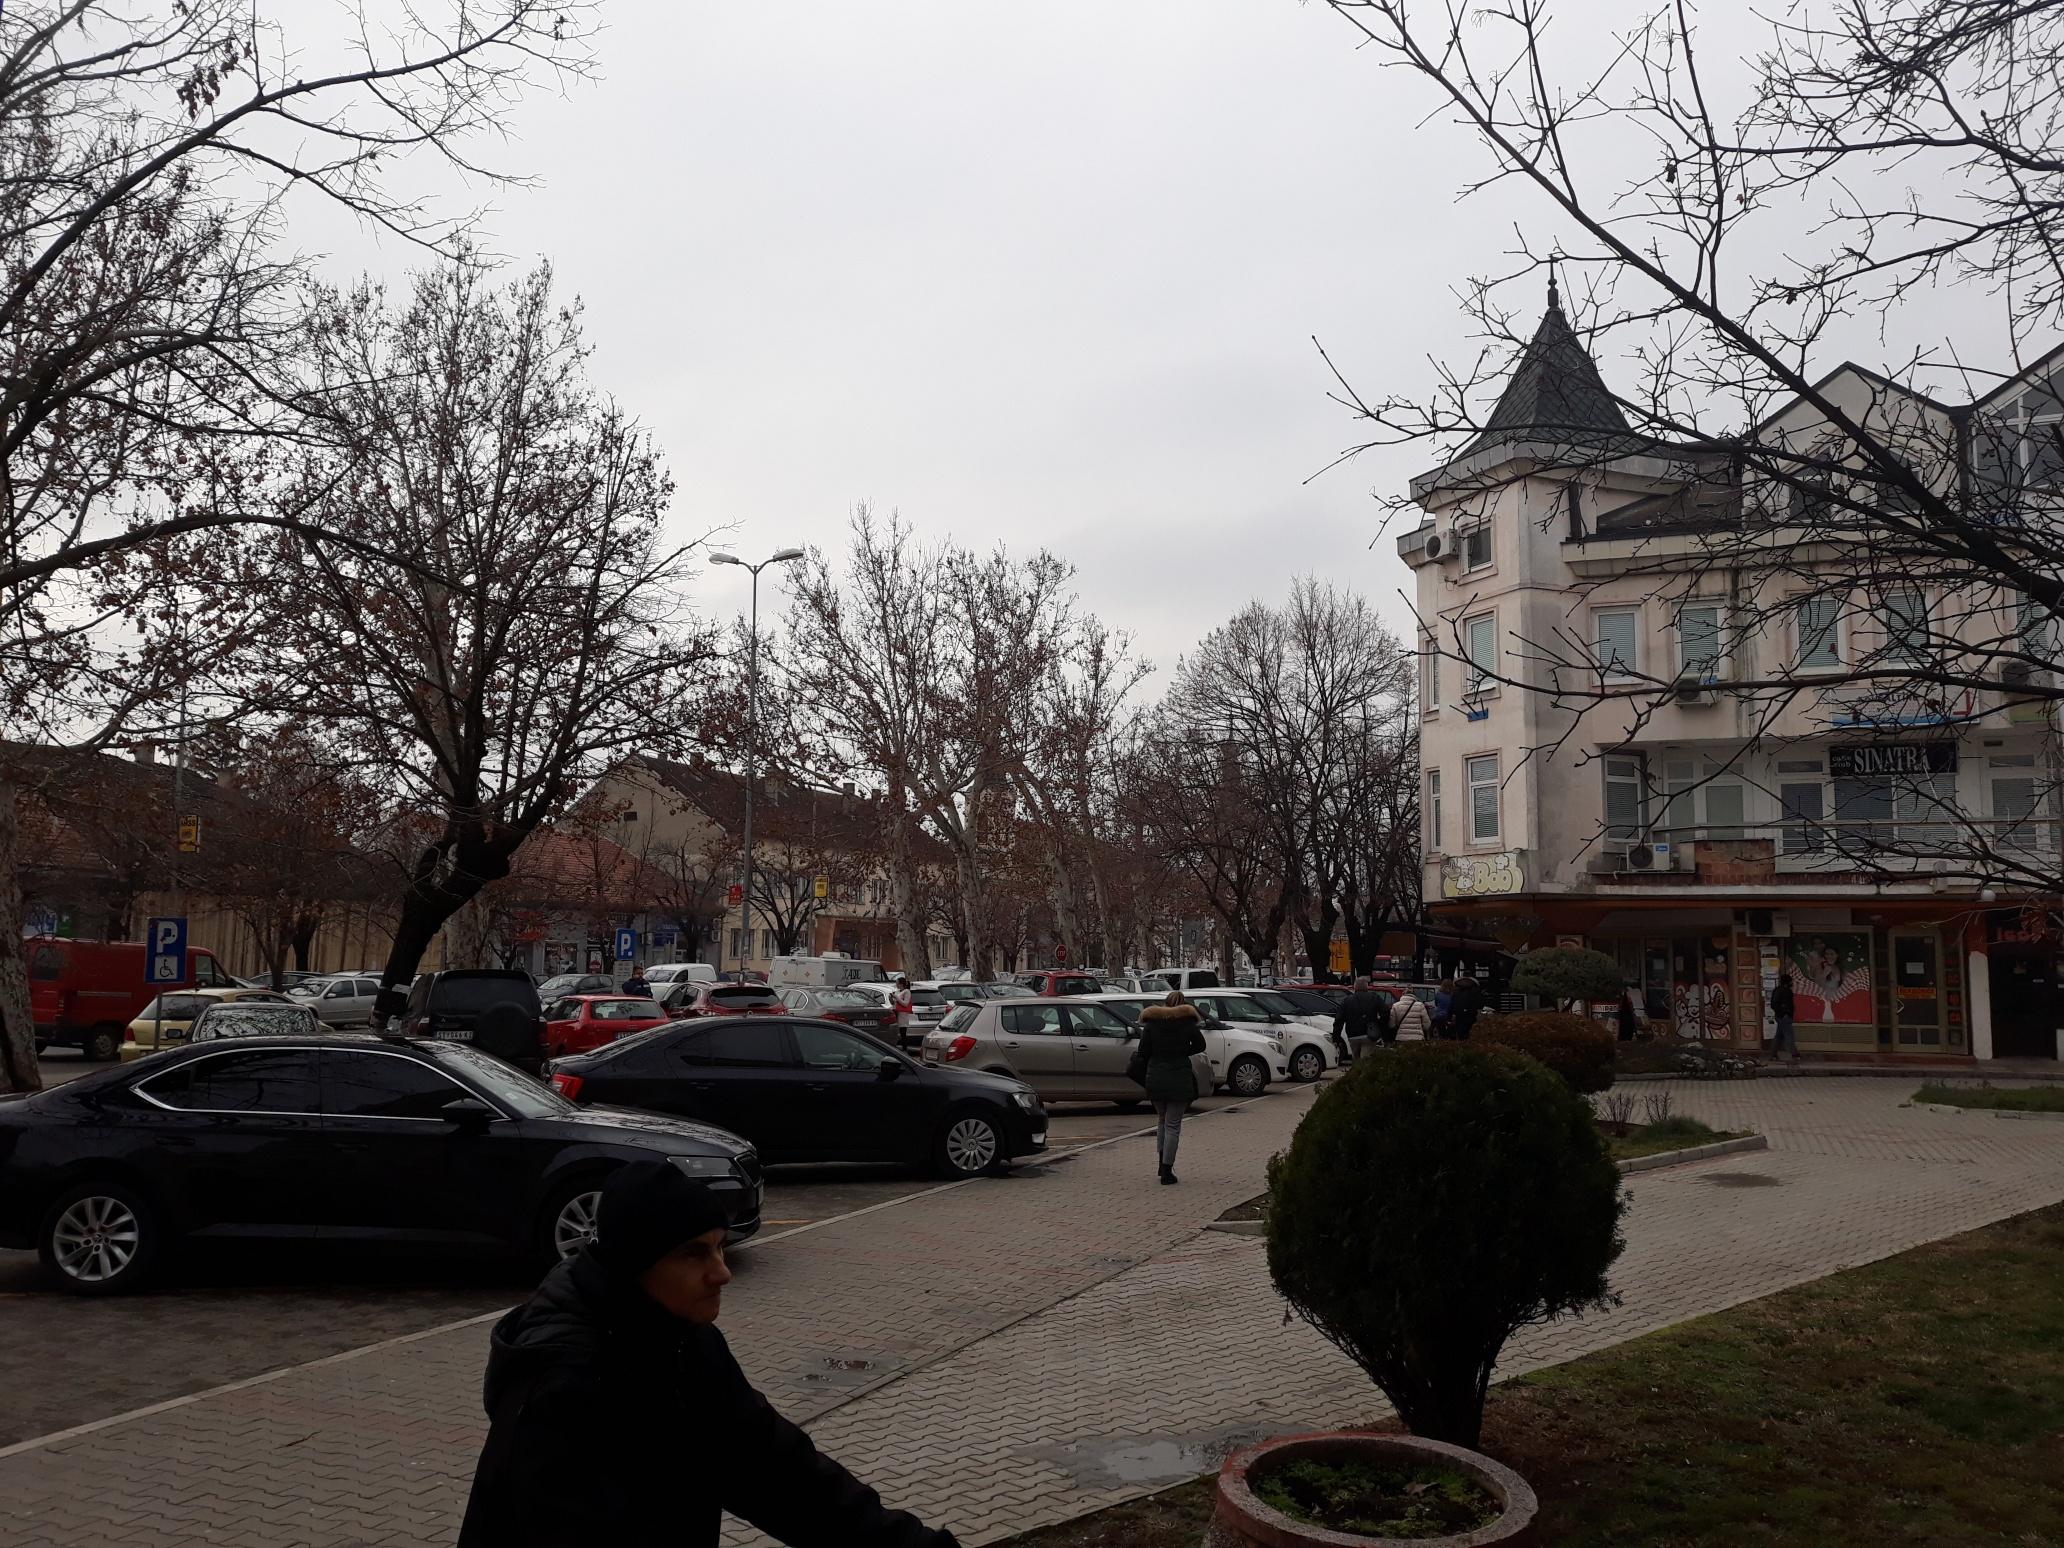 Stara Pazova Nastavlja Saradnja sa Slovačkom